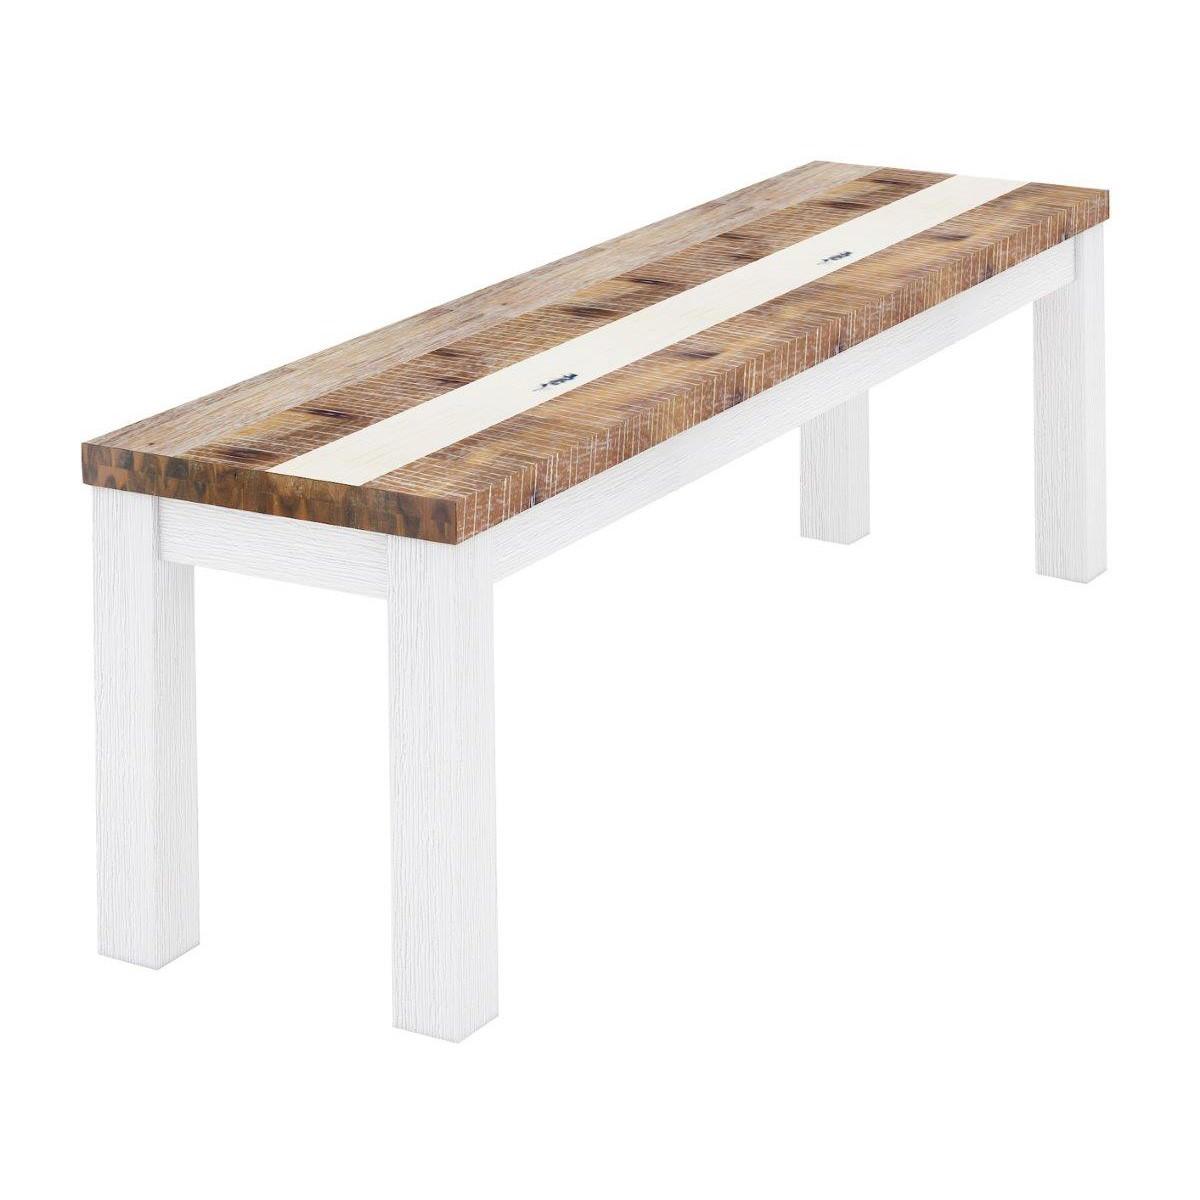 Largo Acacia Timber Dining Bench, 170cm